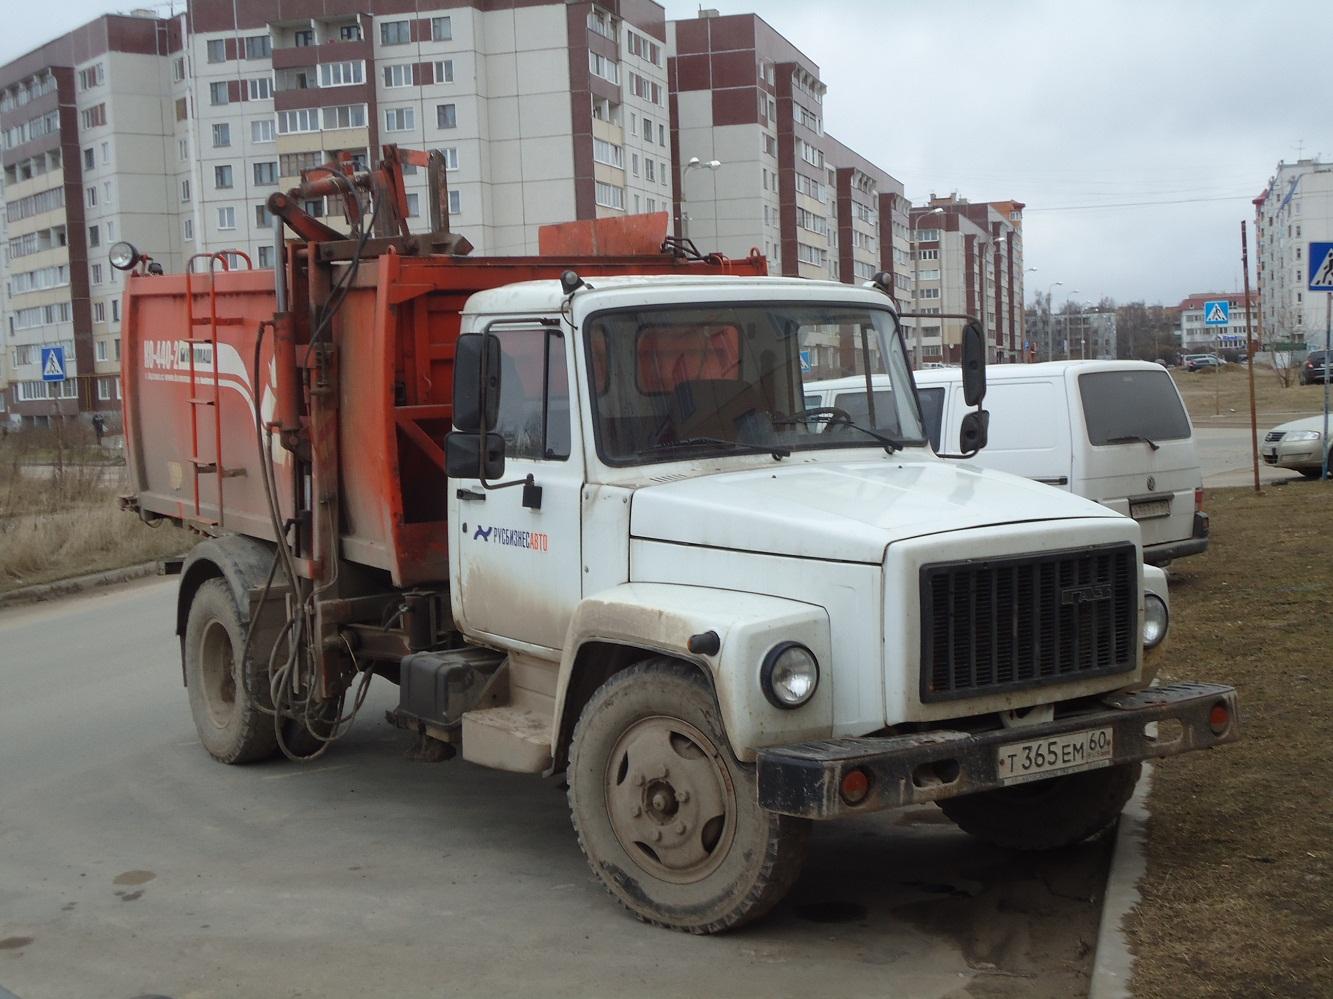 Мусоровоз КО-440-2 на шасси ГАЗ-3309 #Т 365 ЕМ 60. Псков, улица Достовалова